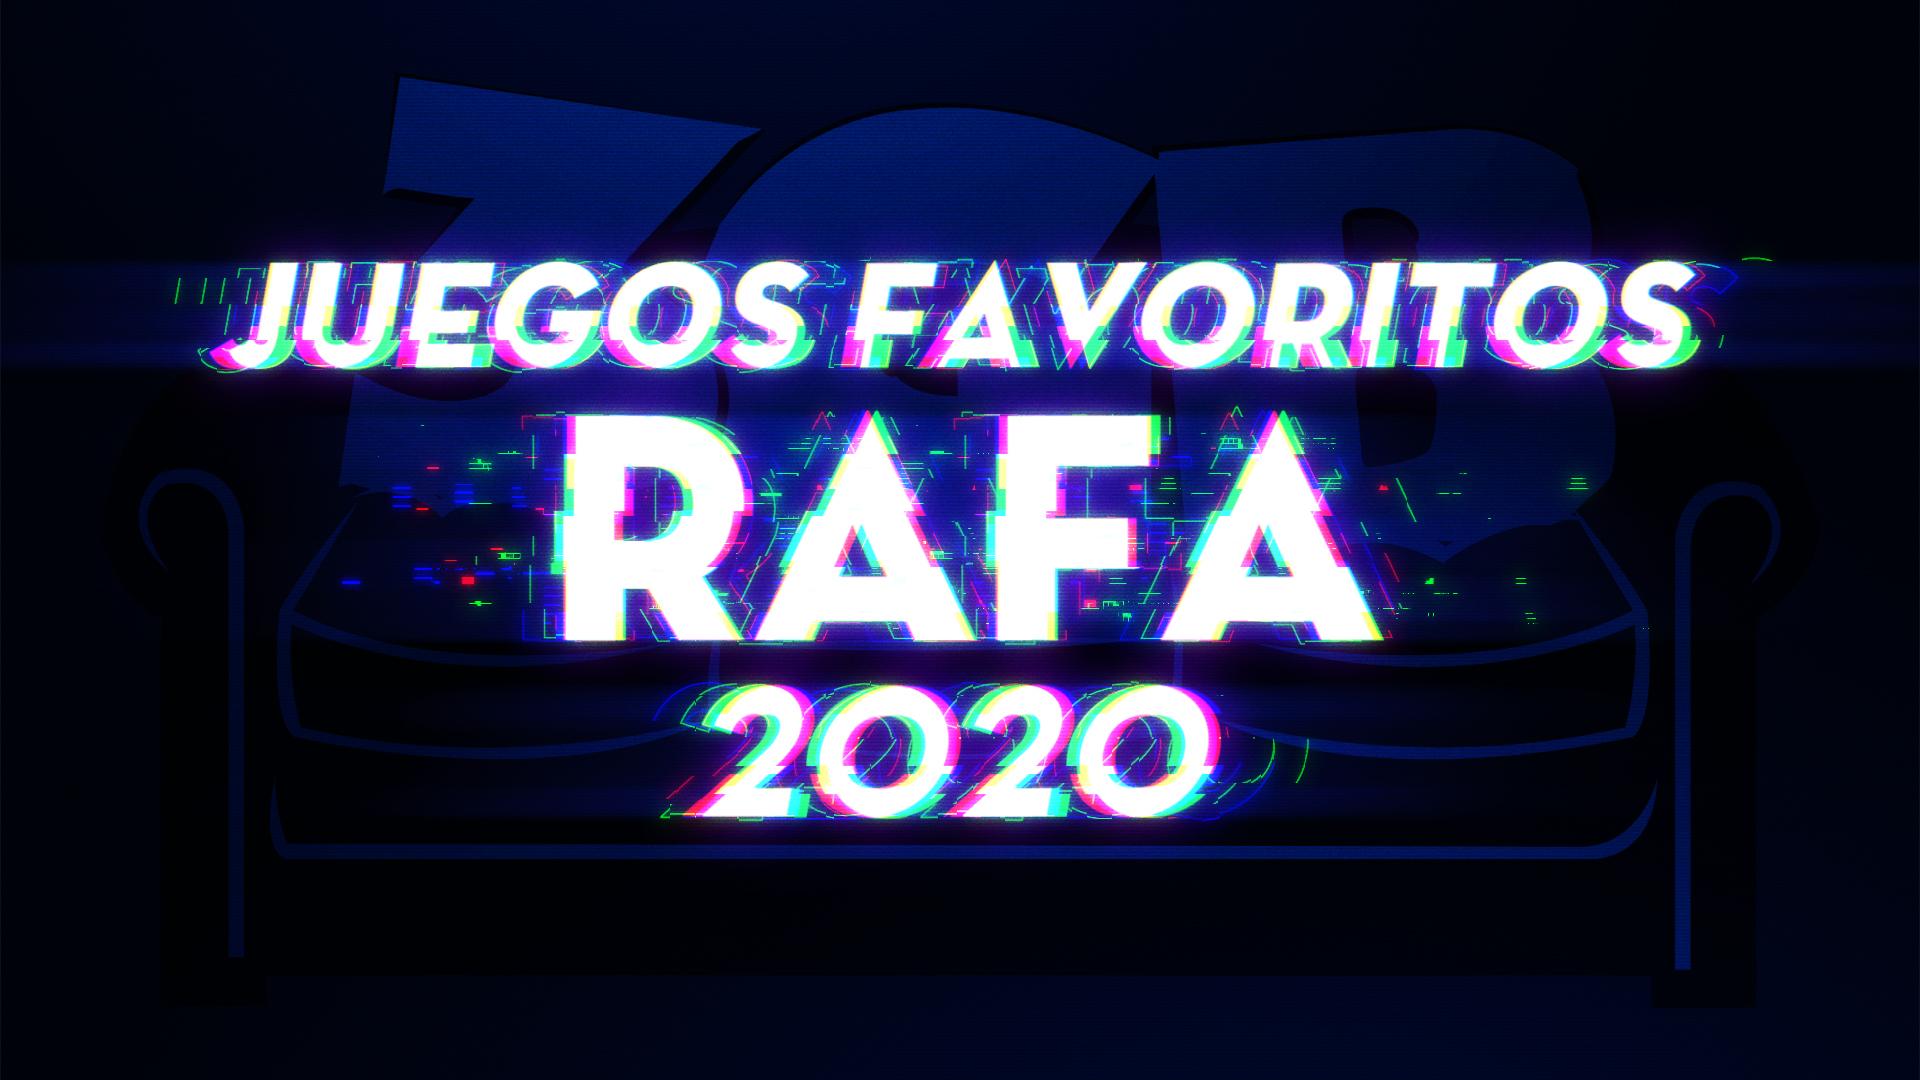 Los Juegos Favoritos de Rafa del 2020